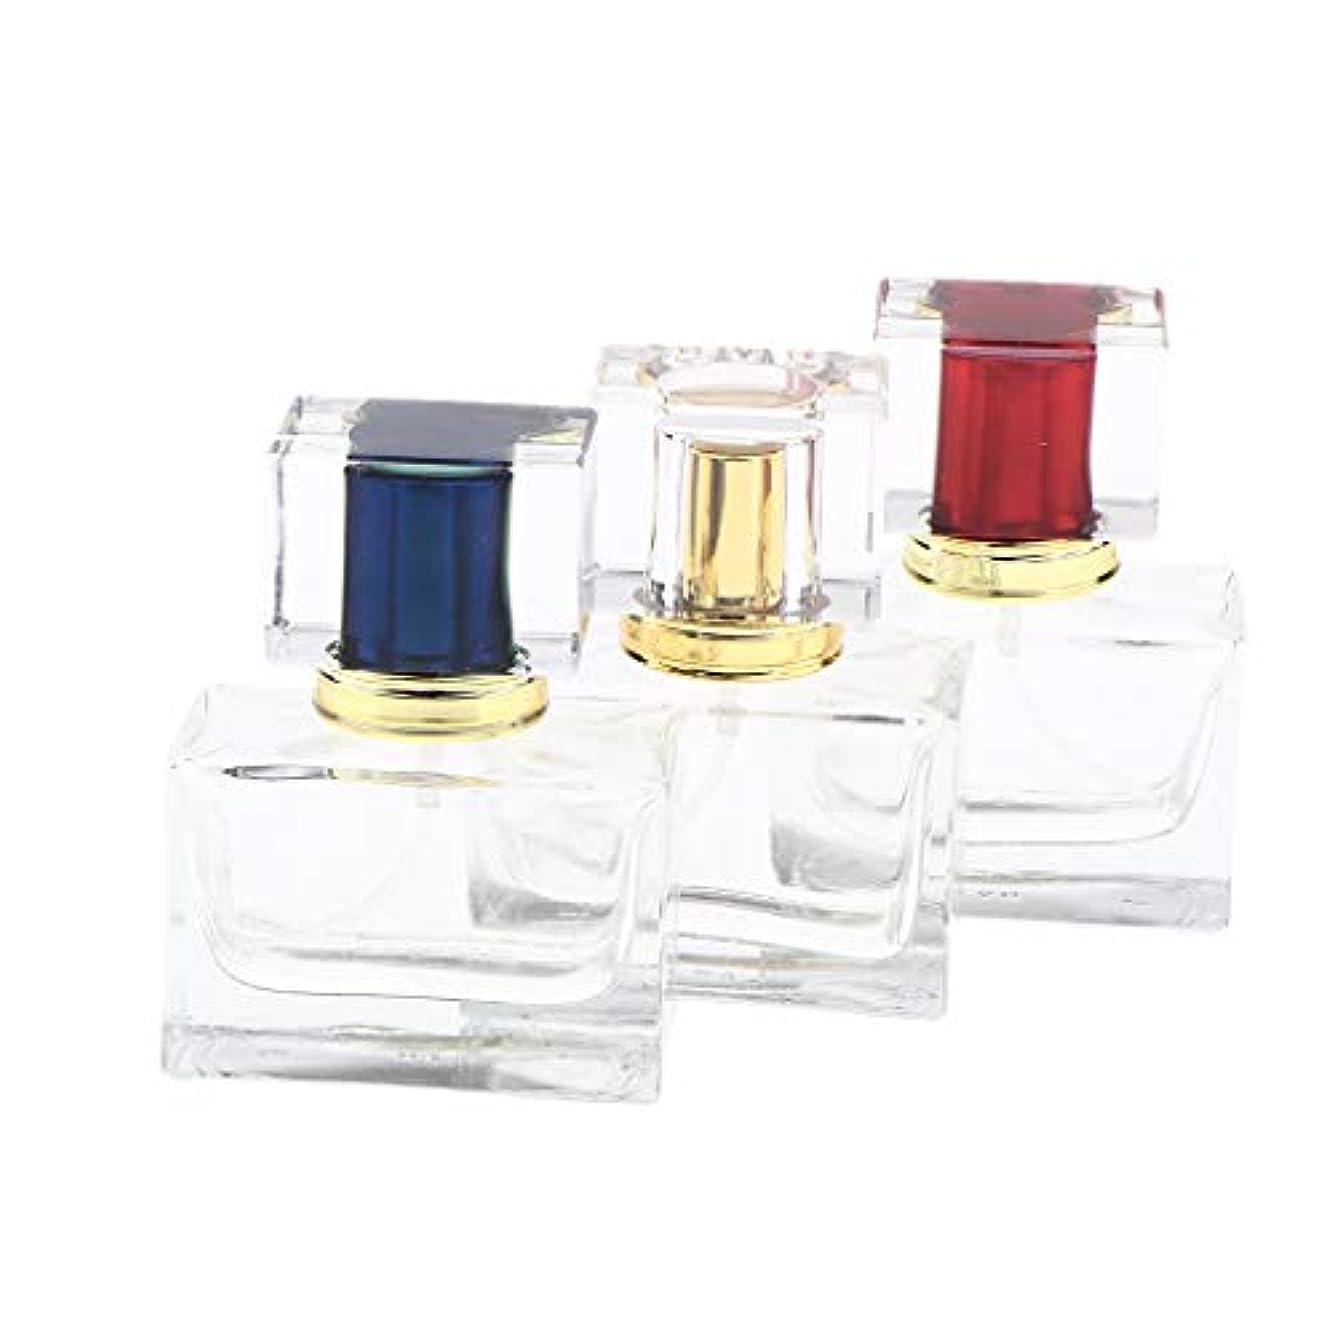 日光スキムアーティファクトDYNWAVE 香水アトマイザー スプレーボトル 詰め替え容器 香水瓶 小型 旅行 持ち運び ロック可能 30ML